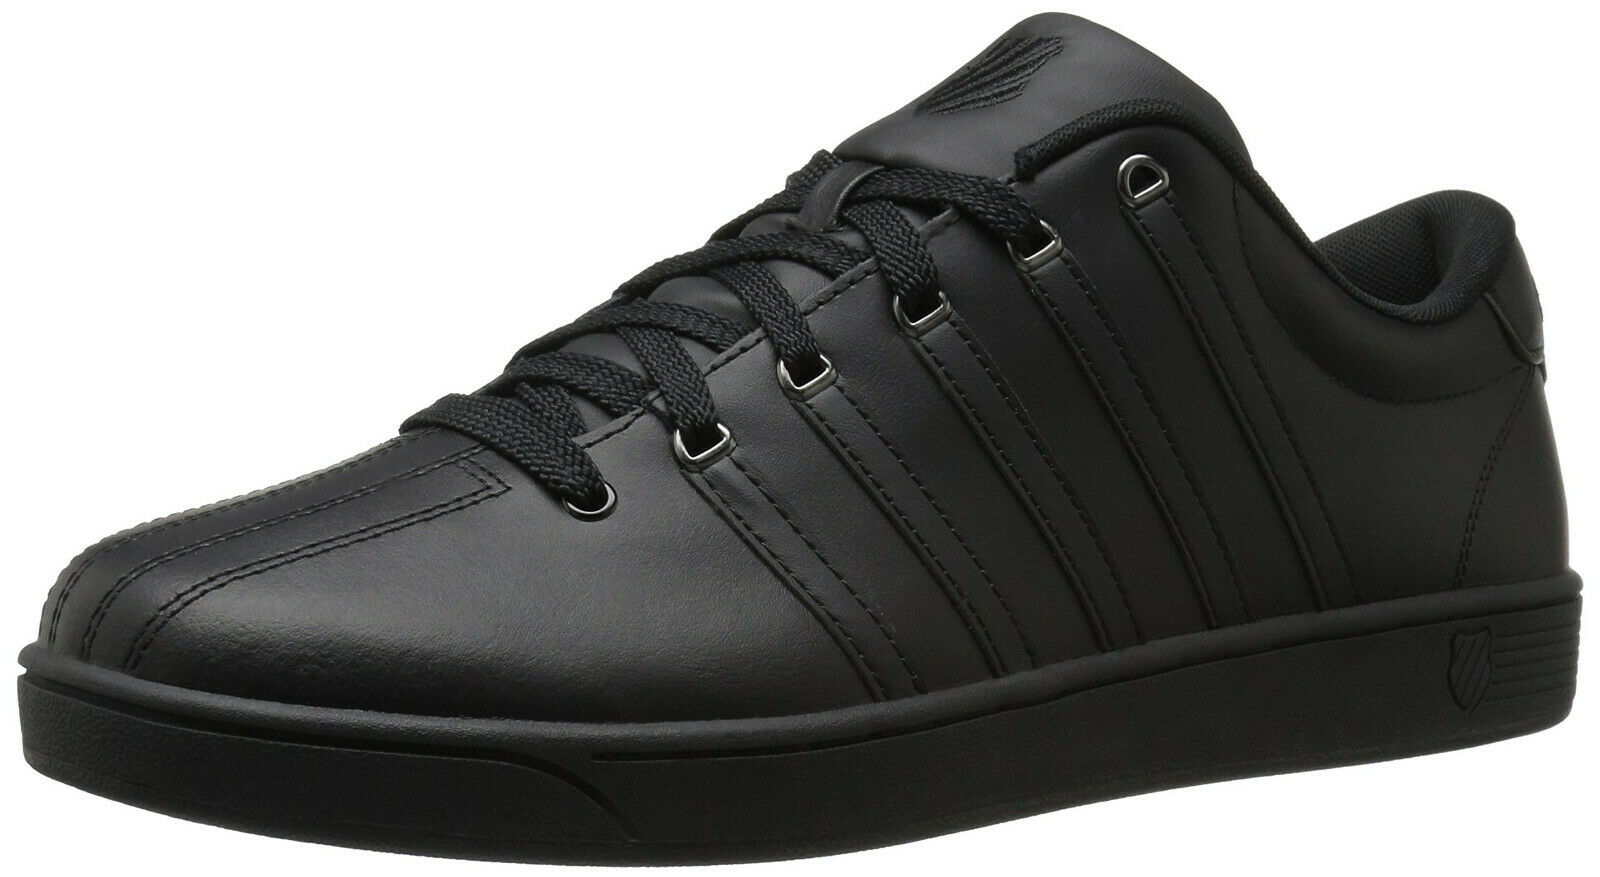 K -Swiss Court Pro II CMF Men's Low  nero  Gunmetal Leather scarpe 03629 -033 -M  spedizione e scambi gratuiti.